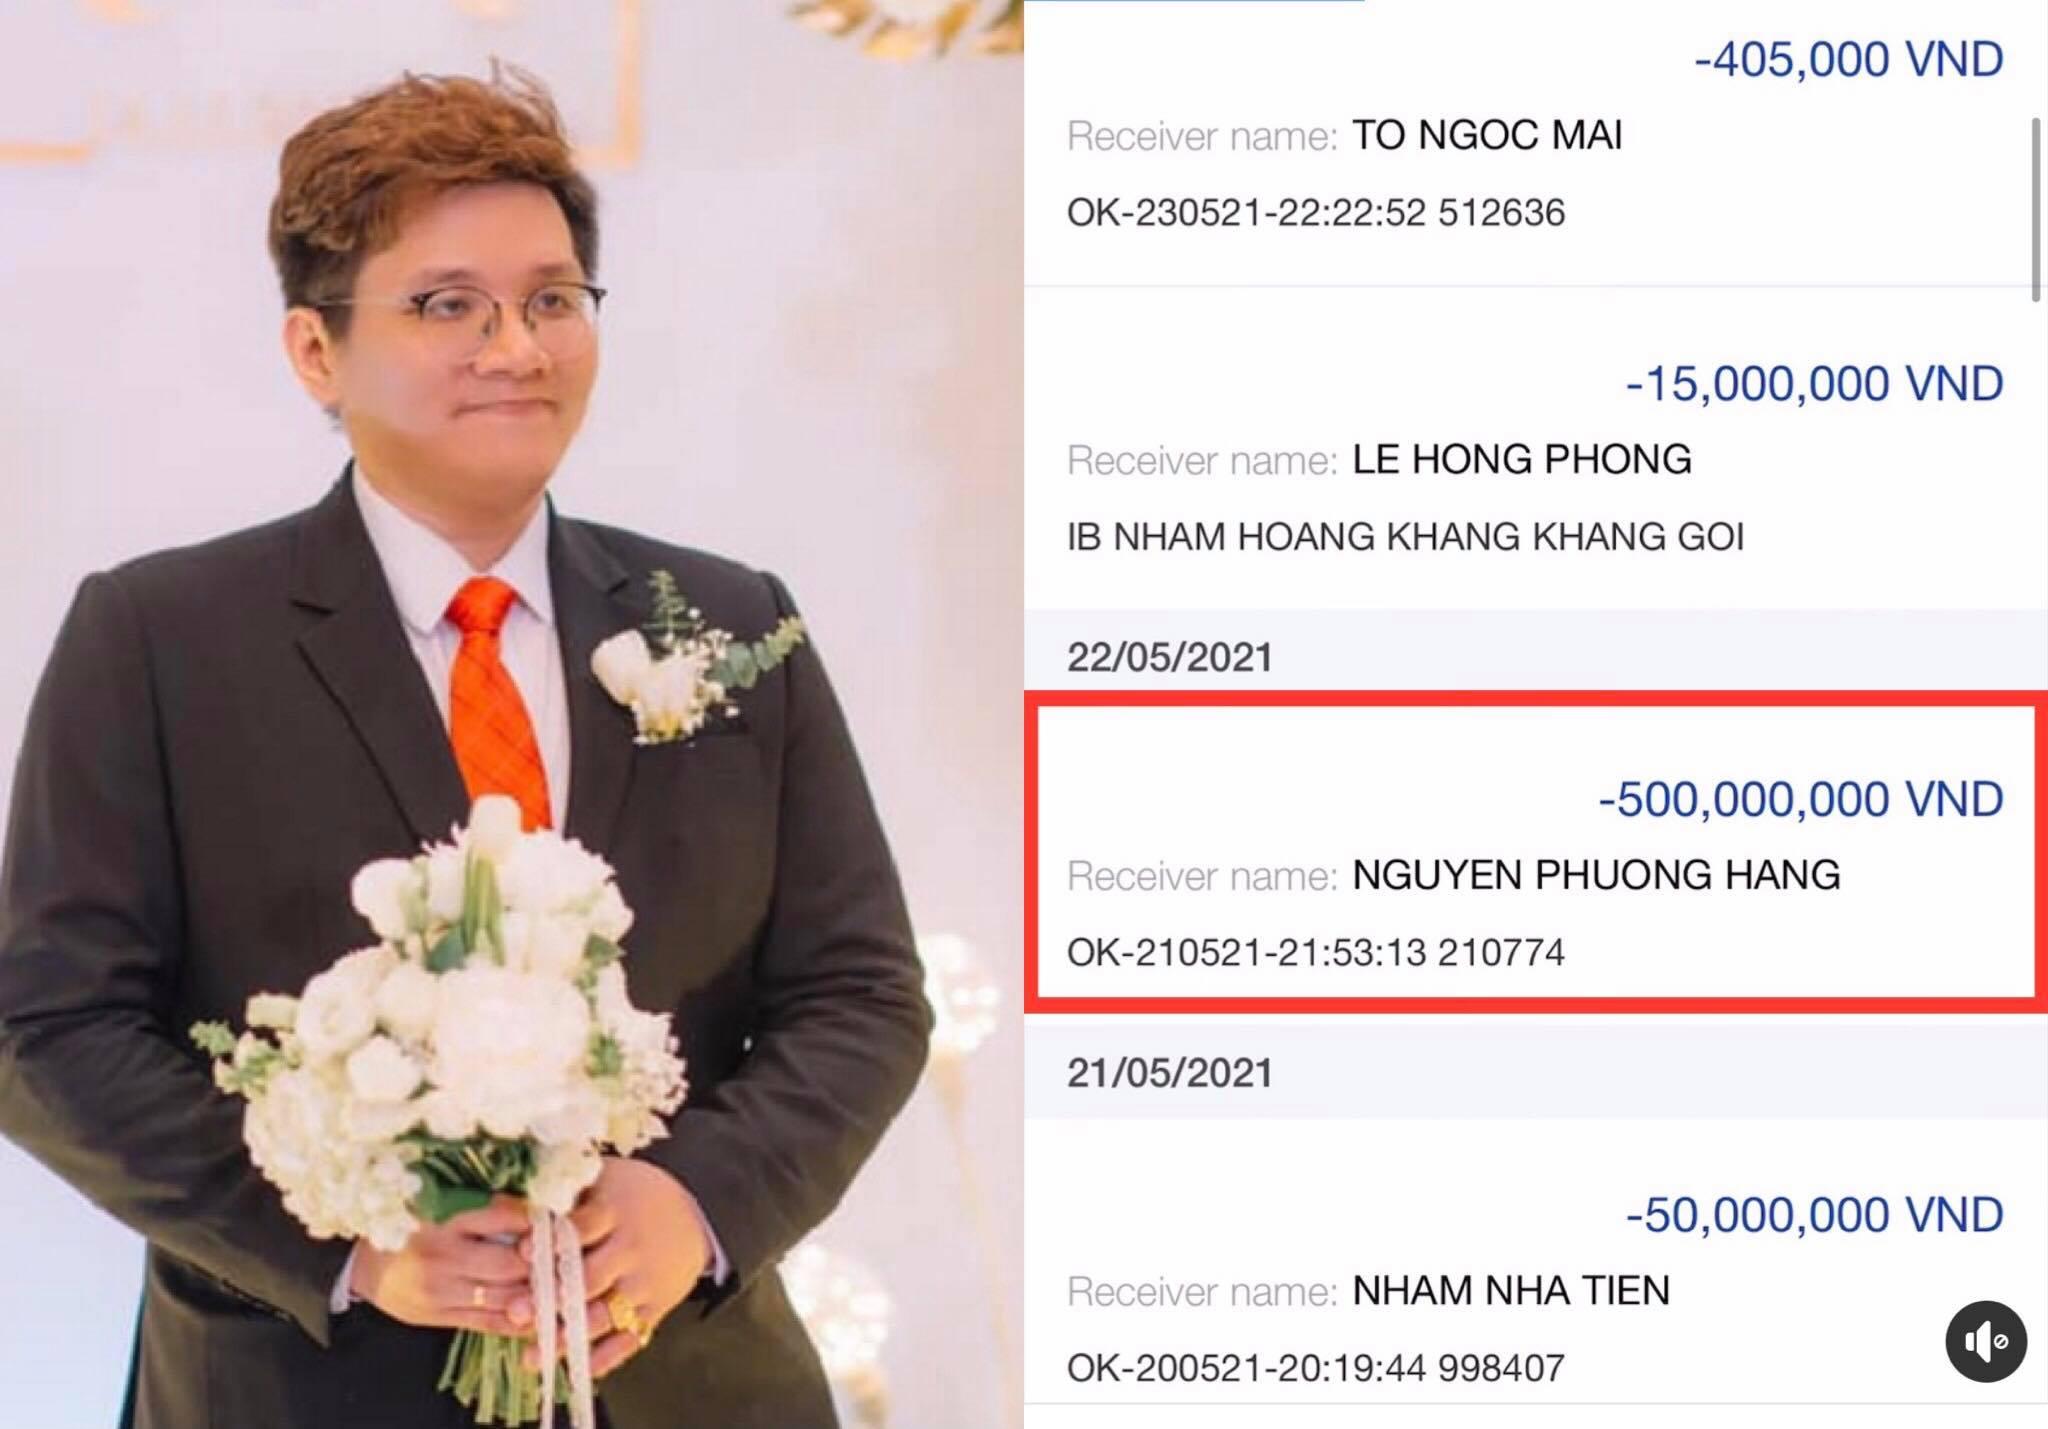 Sau tin đồn bị 'sờ gáy', Nhâm Hoàng Khang tung clip 'khoe' đã chuyển 500 triệu cho bà Phương Hằng dằn mặt antifan